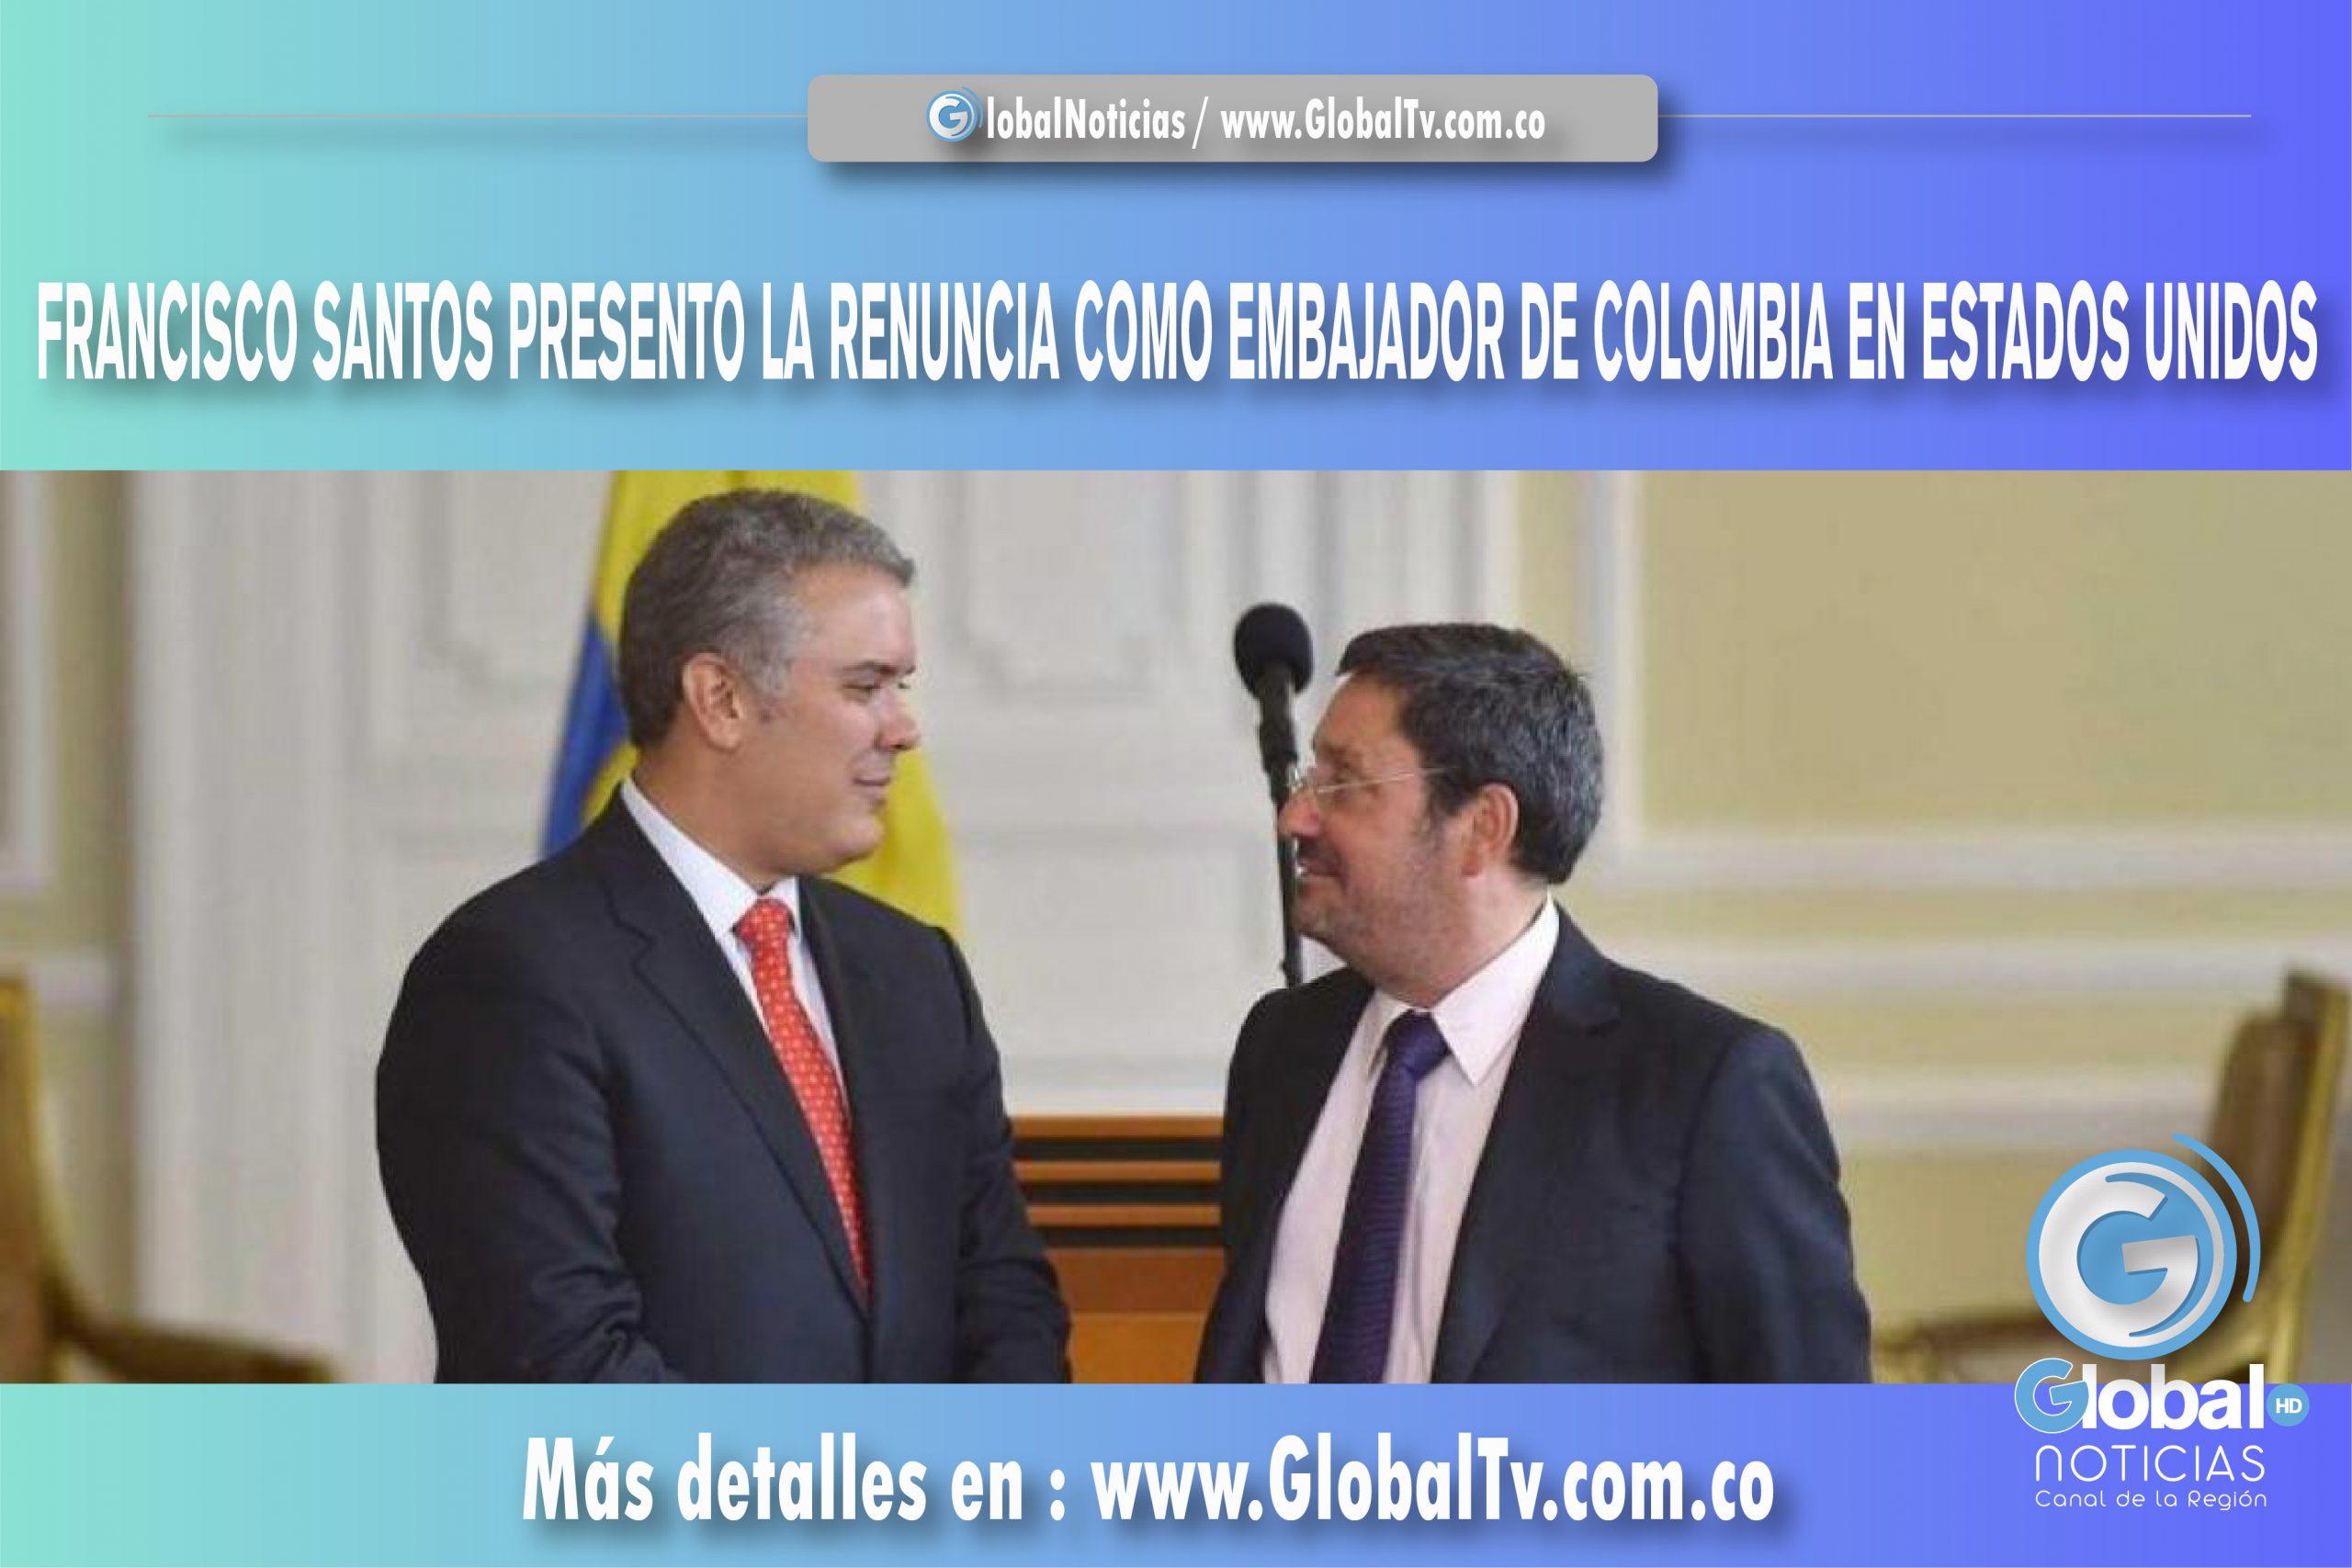 FRANCISCO SANTO PIDIÓ LA RENUNCIA COMO EMBAJADOR DE COLOMBIA EN ESTADOS UNIDOS